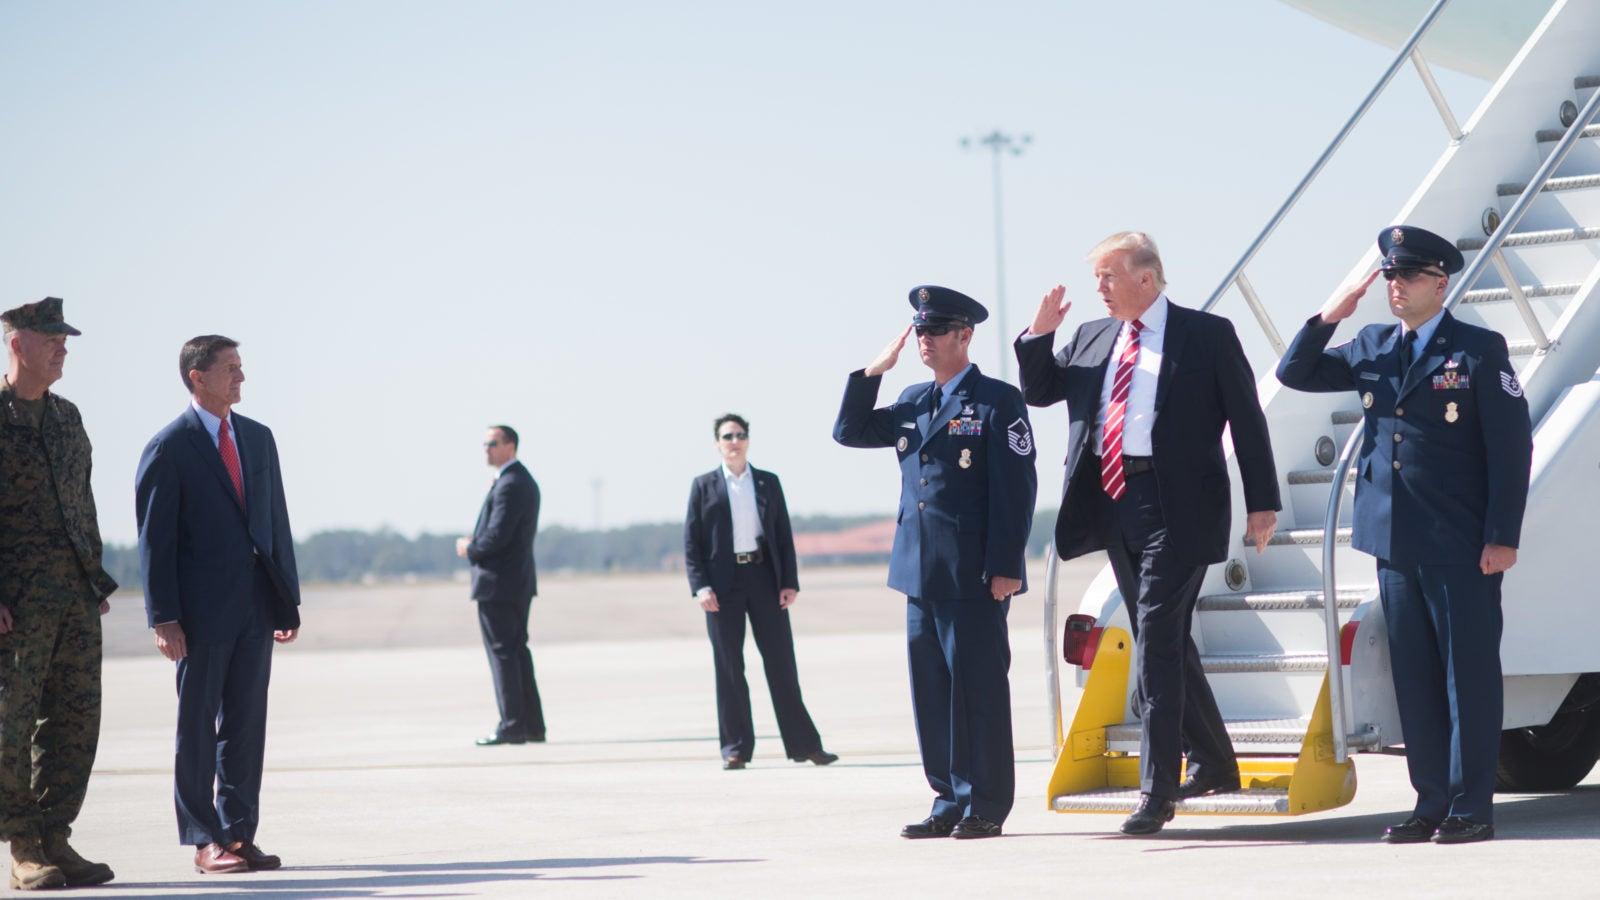 US President visiting MacDill Air Force Base